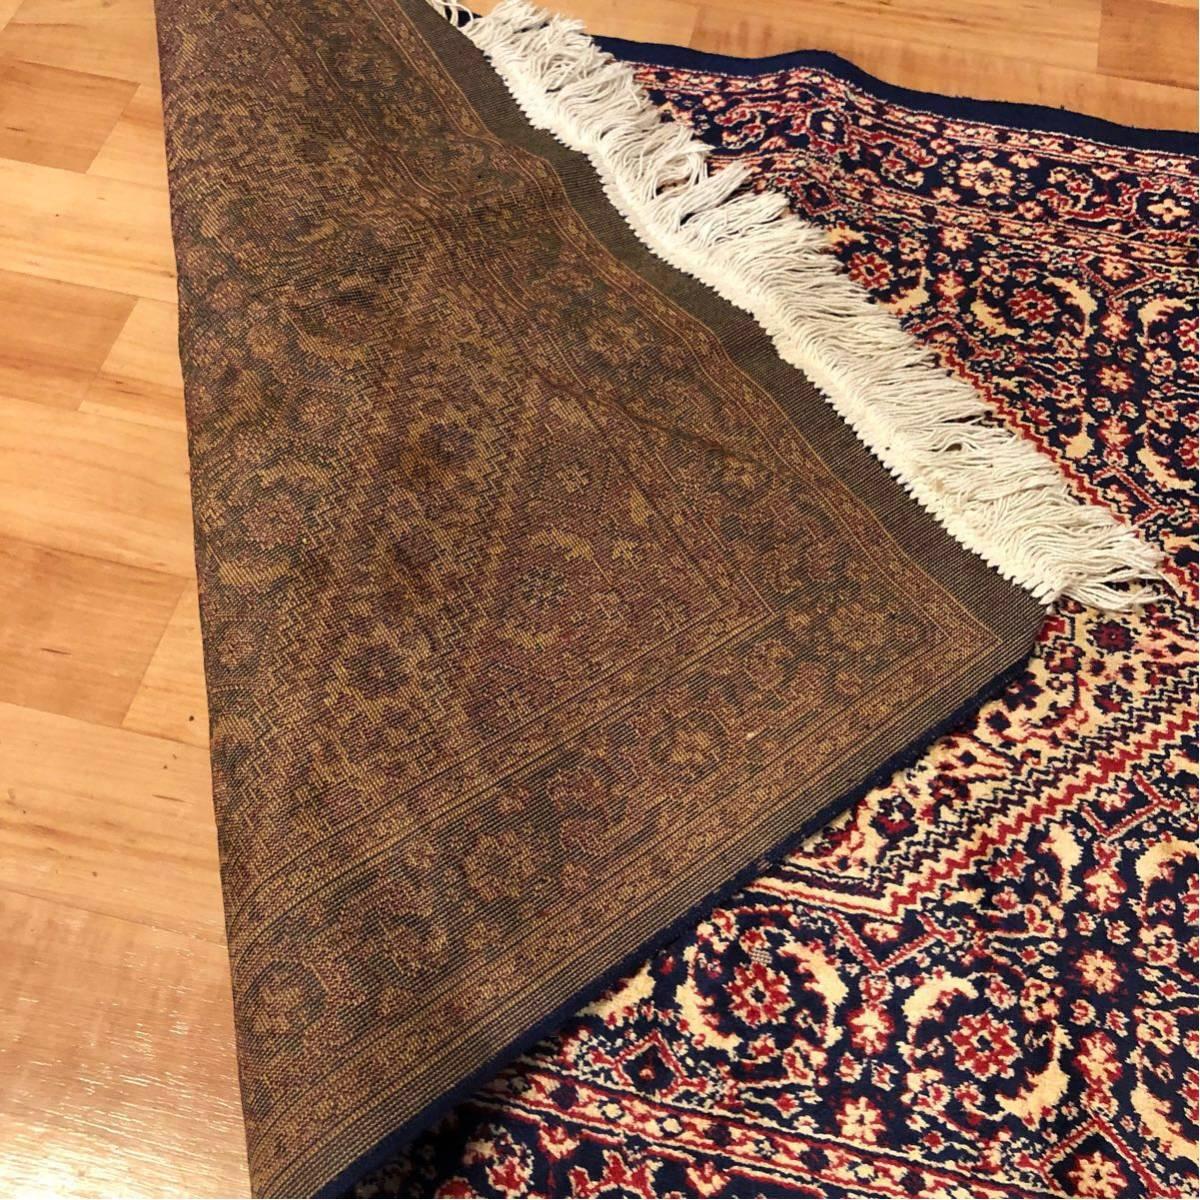 西洋 絨毯・カーペット/横120cm×縦68cm/欧州/ペルシャ絨毯?不明/マット/玄関/フローリング/リビング/テーブル/座卓/キッチン/床/ラグ_画像4